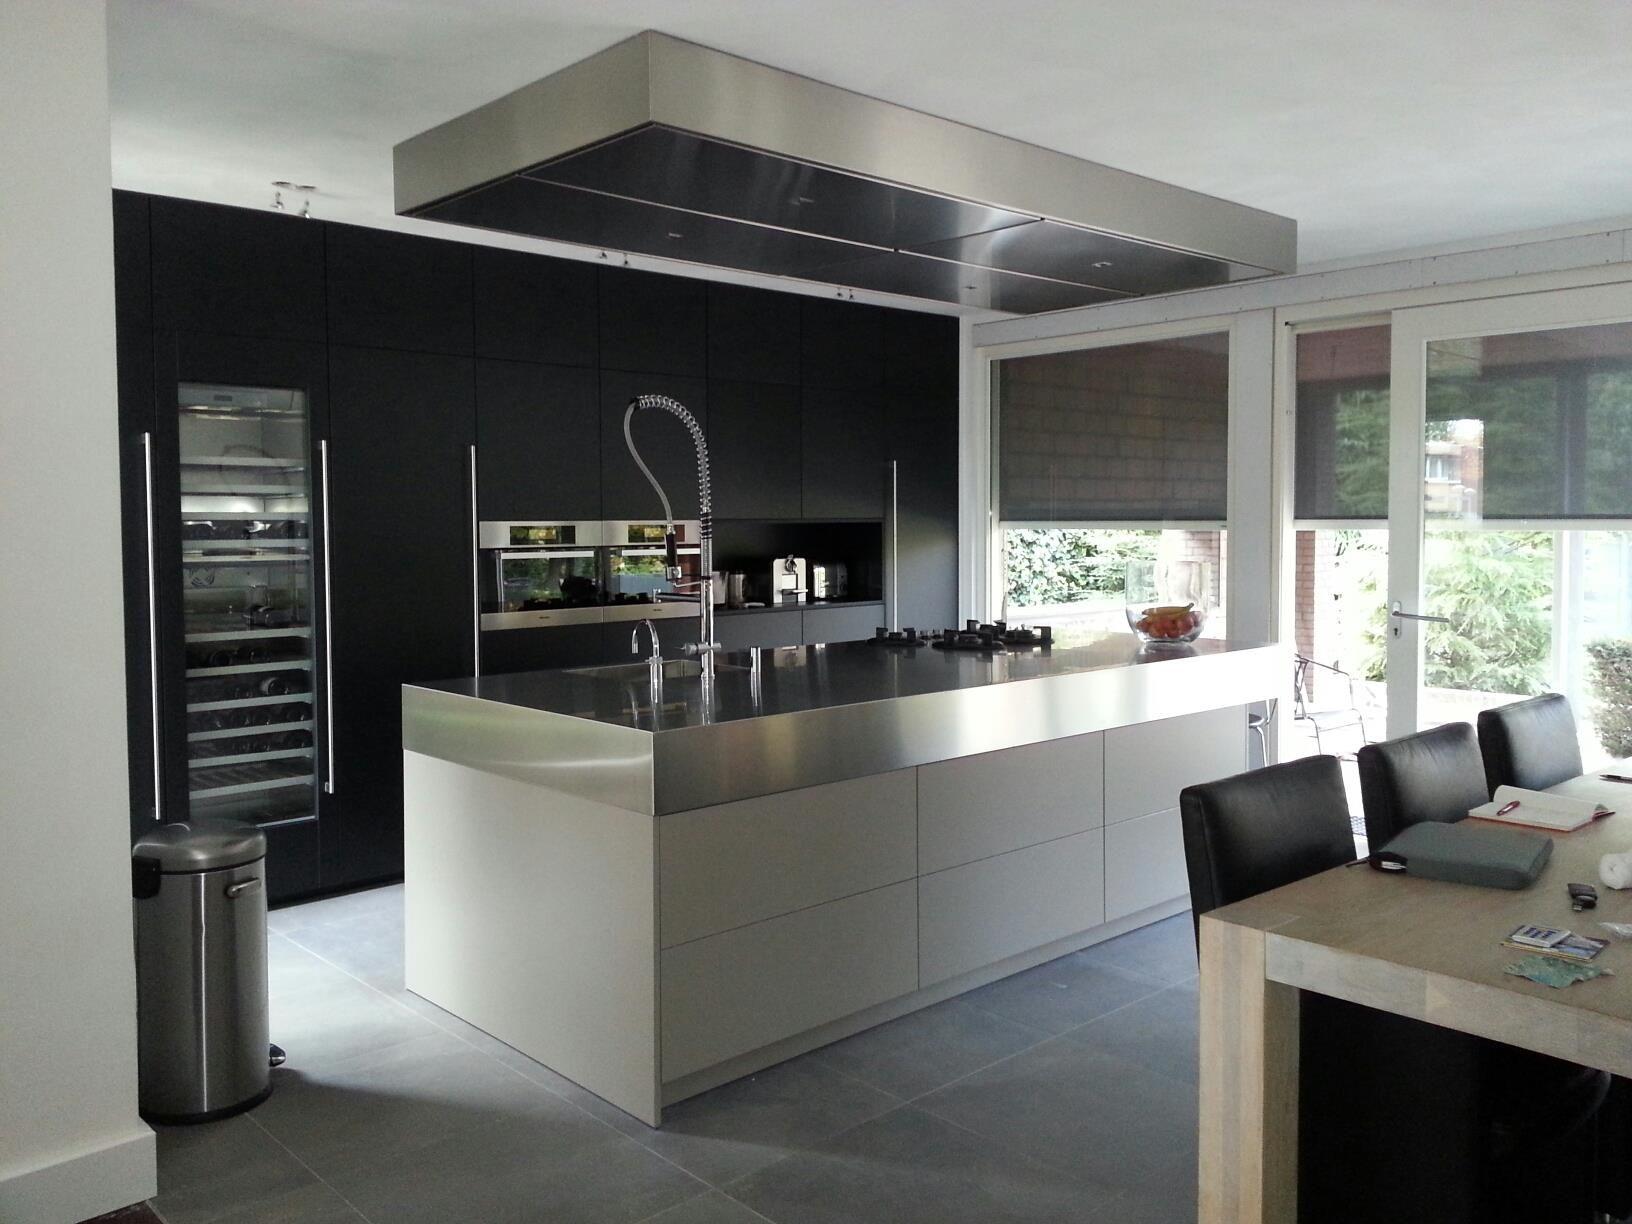 Ornell.nl - Standaard & maatwerk RVS: keukens, sanitair en ...